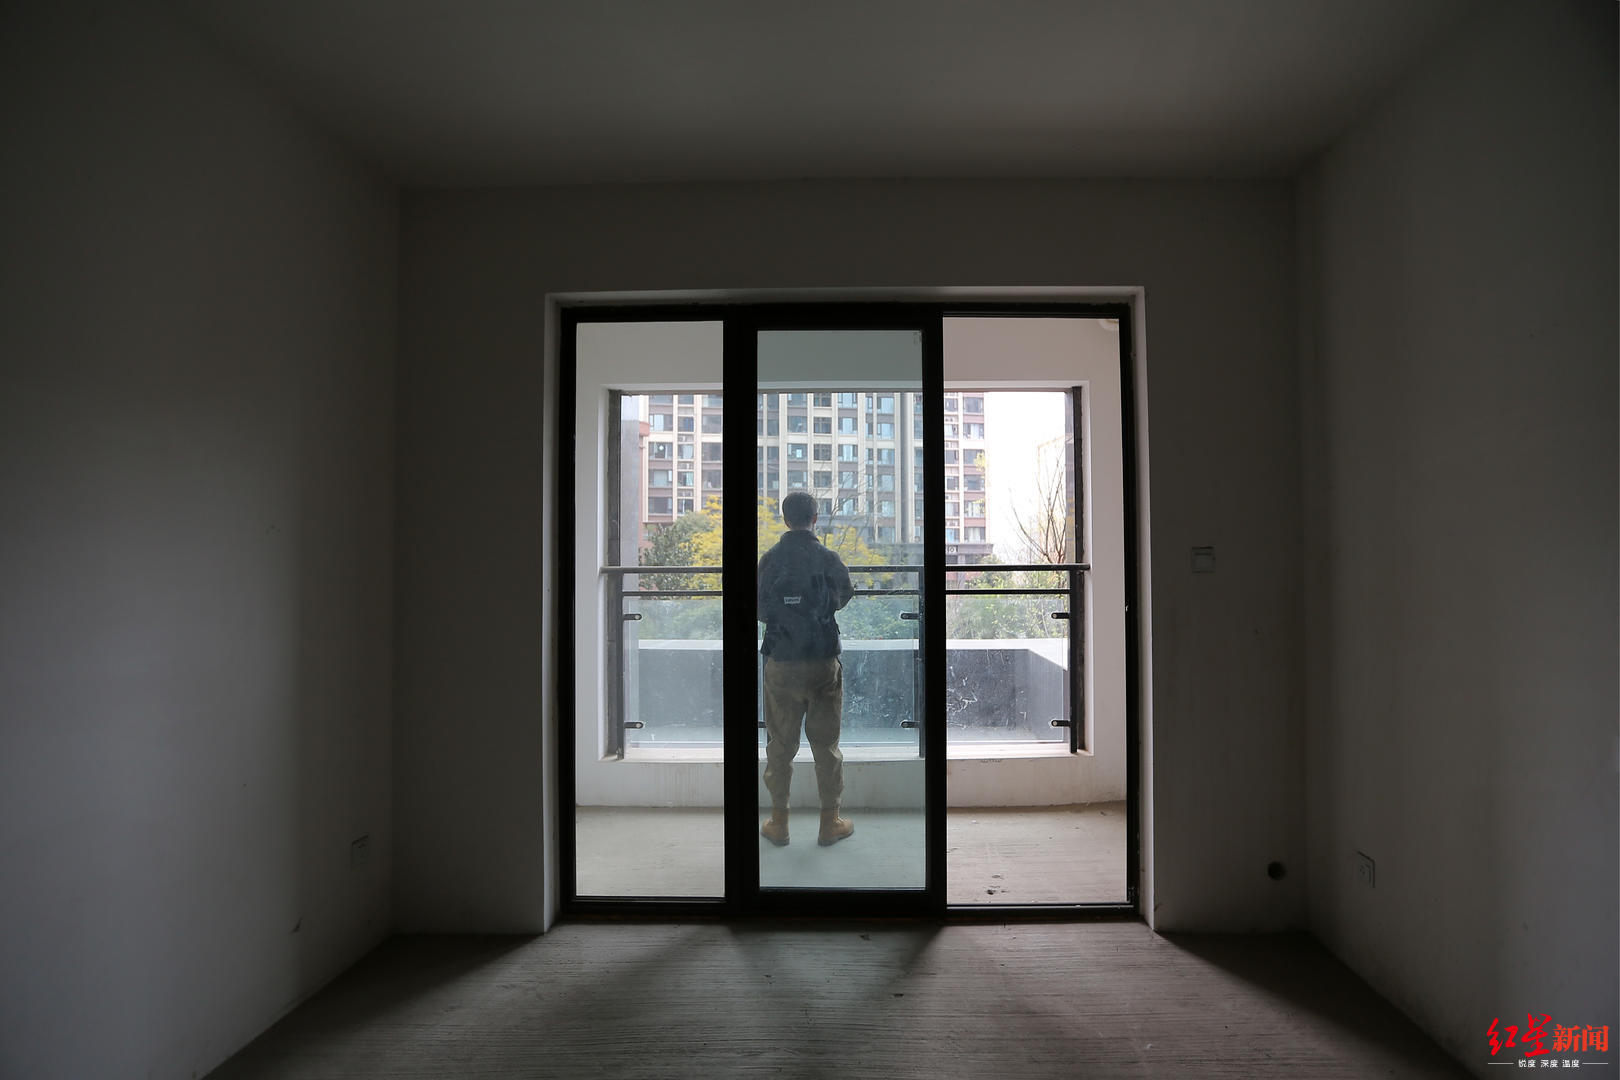 房子方位与合同相反 交房一年多后业主疑房子交错